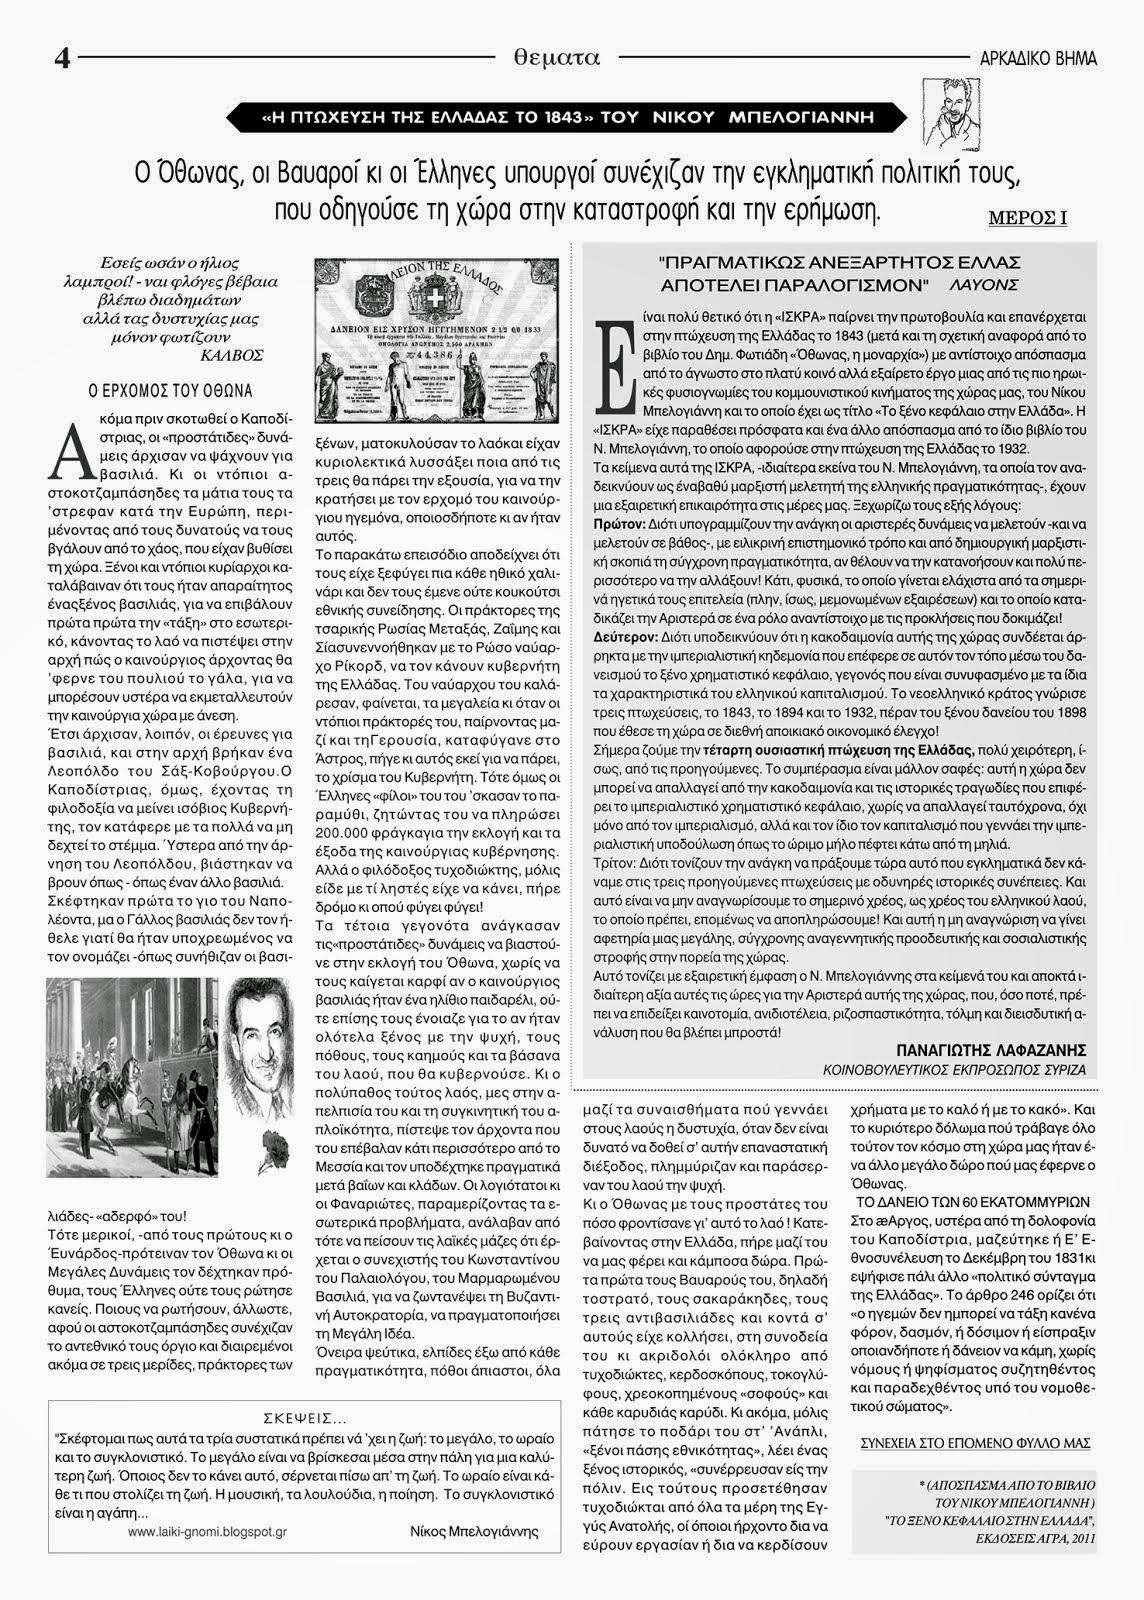 """ΑΡΚΑΔΙΚΟ ΒΗΜΑ: """"Η πτώχευση της Ελλάδας το 1843"""" Του Νίκου Μπελογιάννη"""